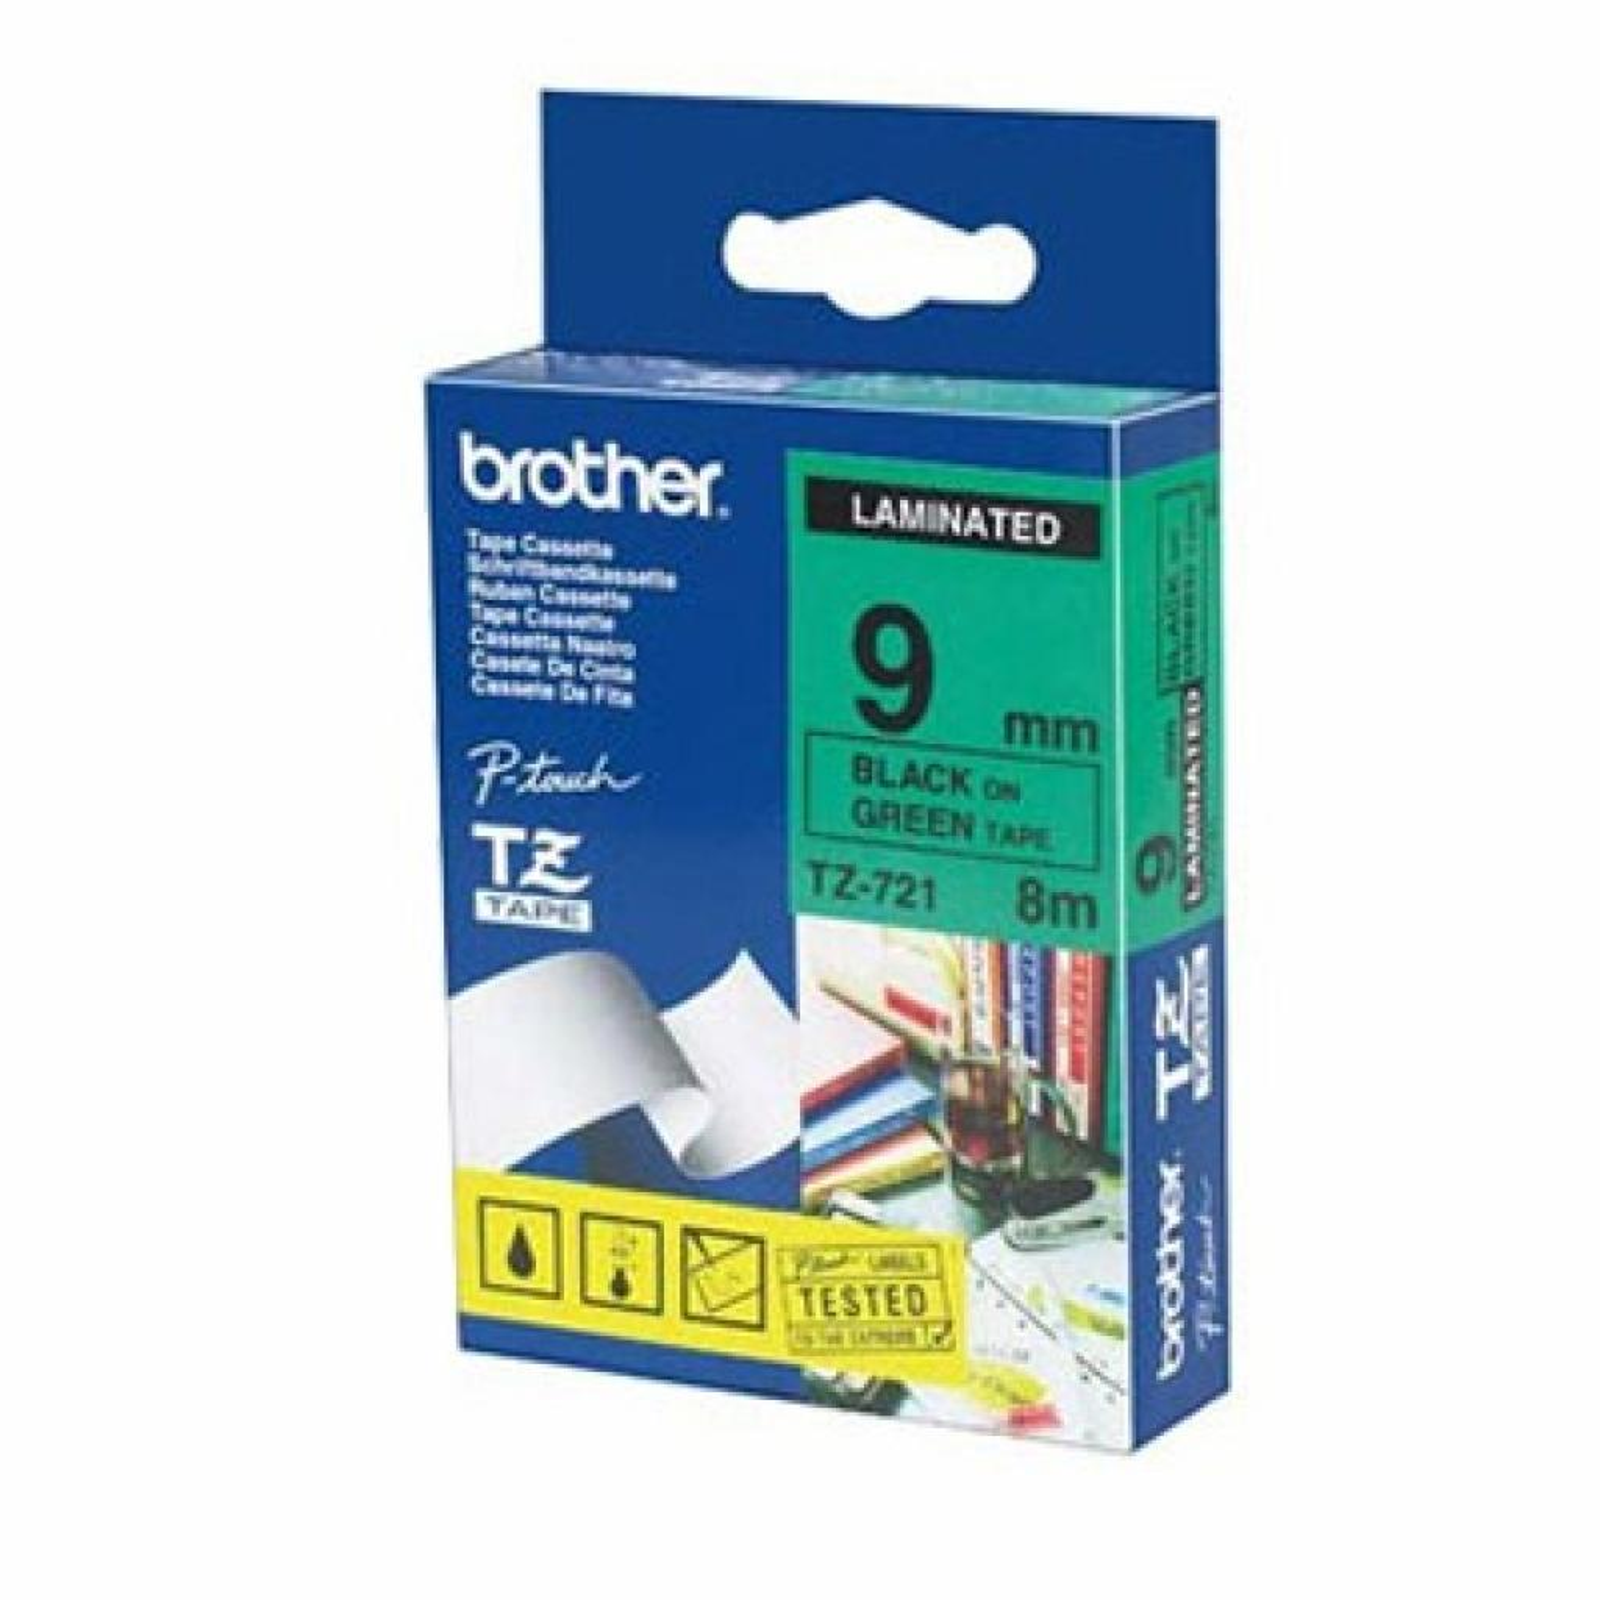 Лента для принтера этикеток Brother TZE721